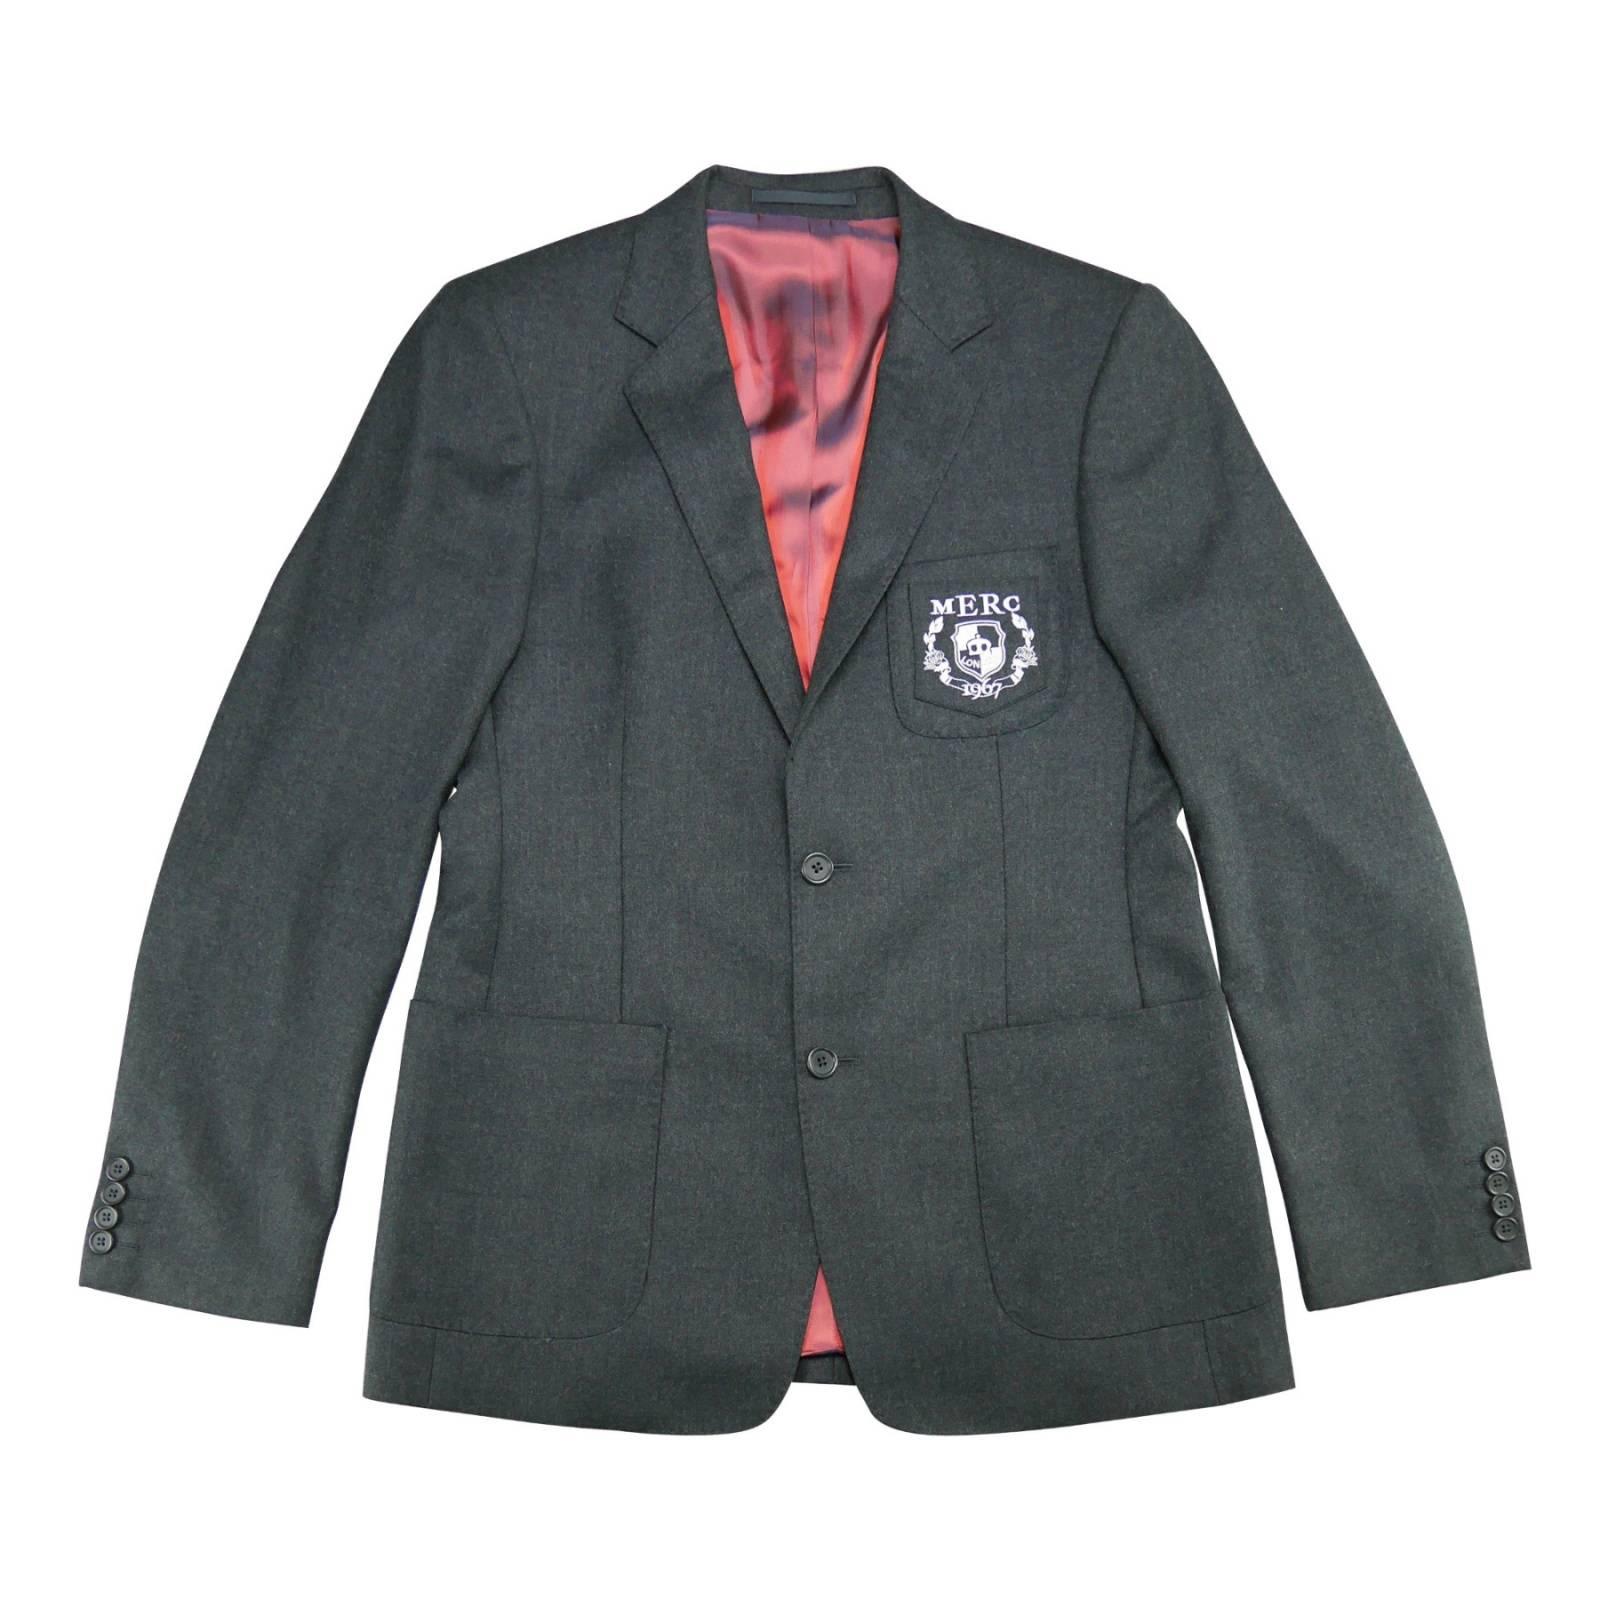 Пиджак TrevorВерхняя одежда<br>Премиального качества мужской пиджак, пошитый из мягкой, плотной и приятной на ощупь чистошерстяной ткани. Эффектная эмблема на нагрудном кармане выполнена в духе знаменитых университетских пиджаков Кембриджа и Оксфорда, являющихся олицетворением благородного британского преппи стиля. Глубокие накладные карманы спереди подчеркивают кэжуальную идентичность изделия, облаченную в правильную, строгую форму. Атласная малиновая подкладка привносит модернистский шарм в элегантный образ этой превосходной модели, которая отлично впишется в smart casual дресс-код для светского мероприятия или торжества. Можно носить с рубашкой или легким трикотажем, например, водолазкой, пуловером или жилетом. Произведен в Европейском Союзе.<br><br>  <br><br><br><br>  <br>    Приталенный фасон<br>  <br>    Узкие лацканы, образующие глубокий вырез<br>  <br>    Две пуговицы (нижняя должна быть всегда расстегнута)<br>  <br>    Три внутренних кармана<br>  <br>    Боковые шлицы на спинке обеспечивают максимальный комфорт в сидячем положении<br><br>Артикул: 1206203<br>Материал: 100% шерсть / Подкладка 50% вискоза, 50% ацетат<br>Цвет: темный серый<br>Пол: Мужской